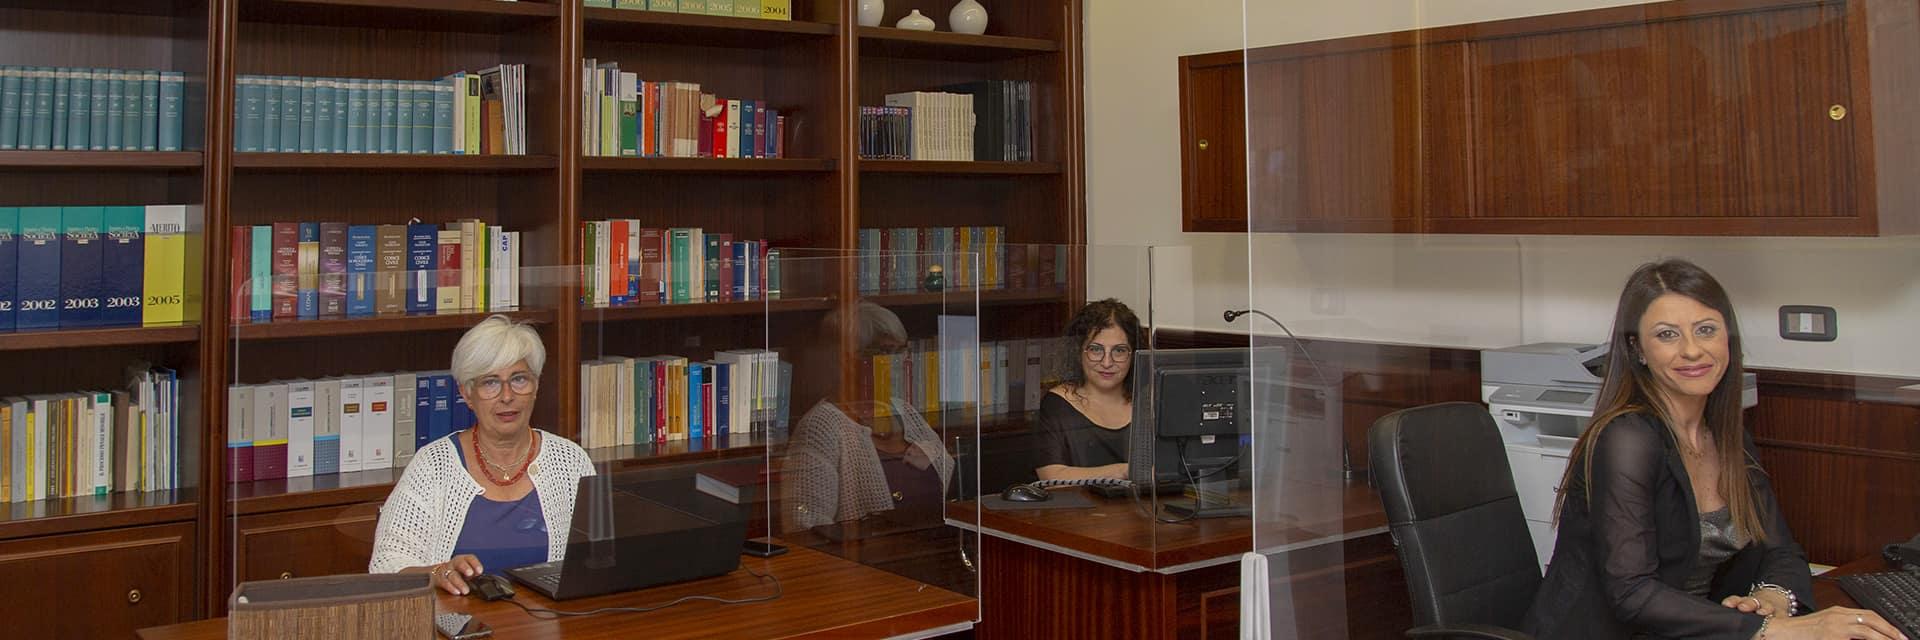 Studio Legale Avv. Carmela Trotta - Team3